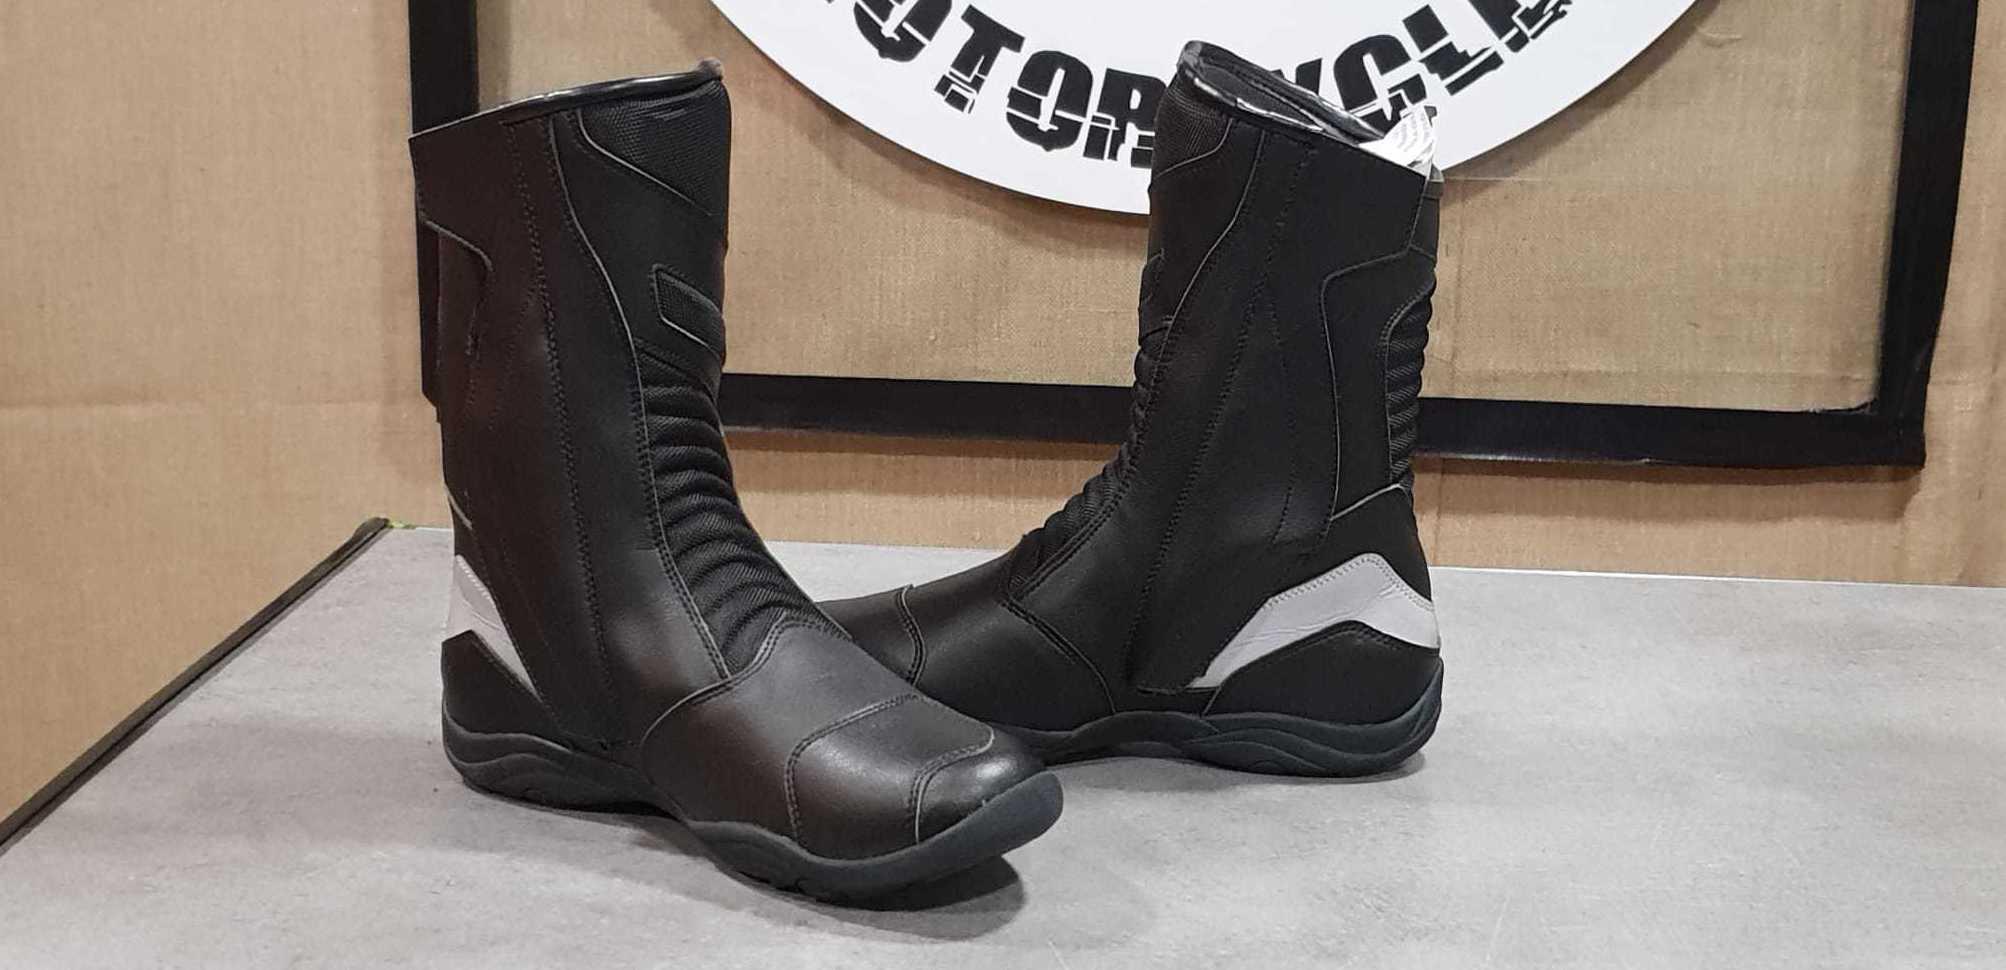 botas altas impermeables con doble cierre de cremallera 79,00€